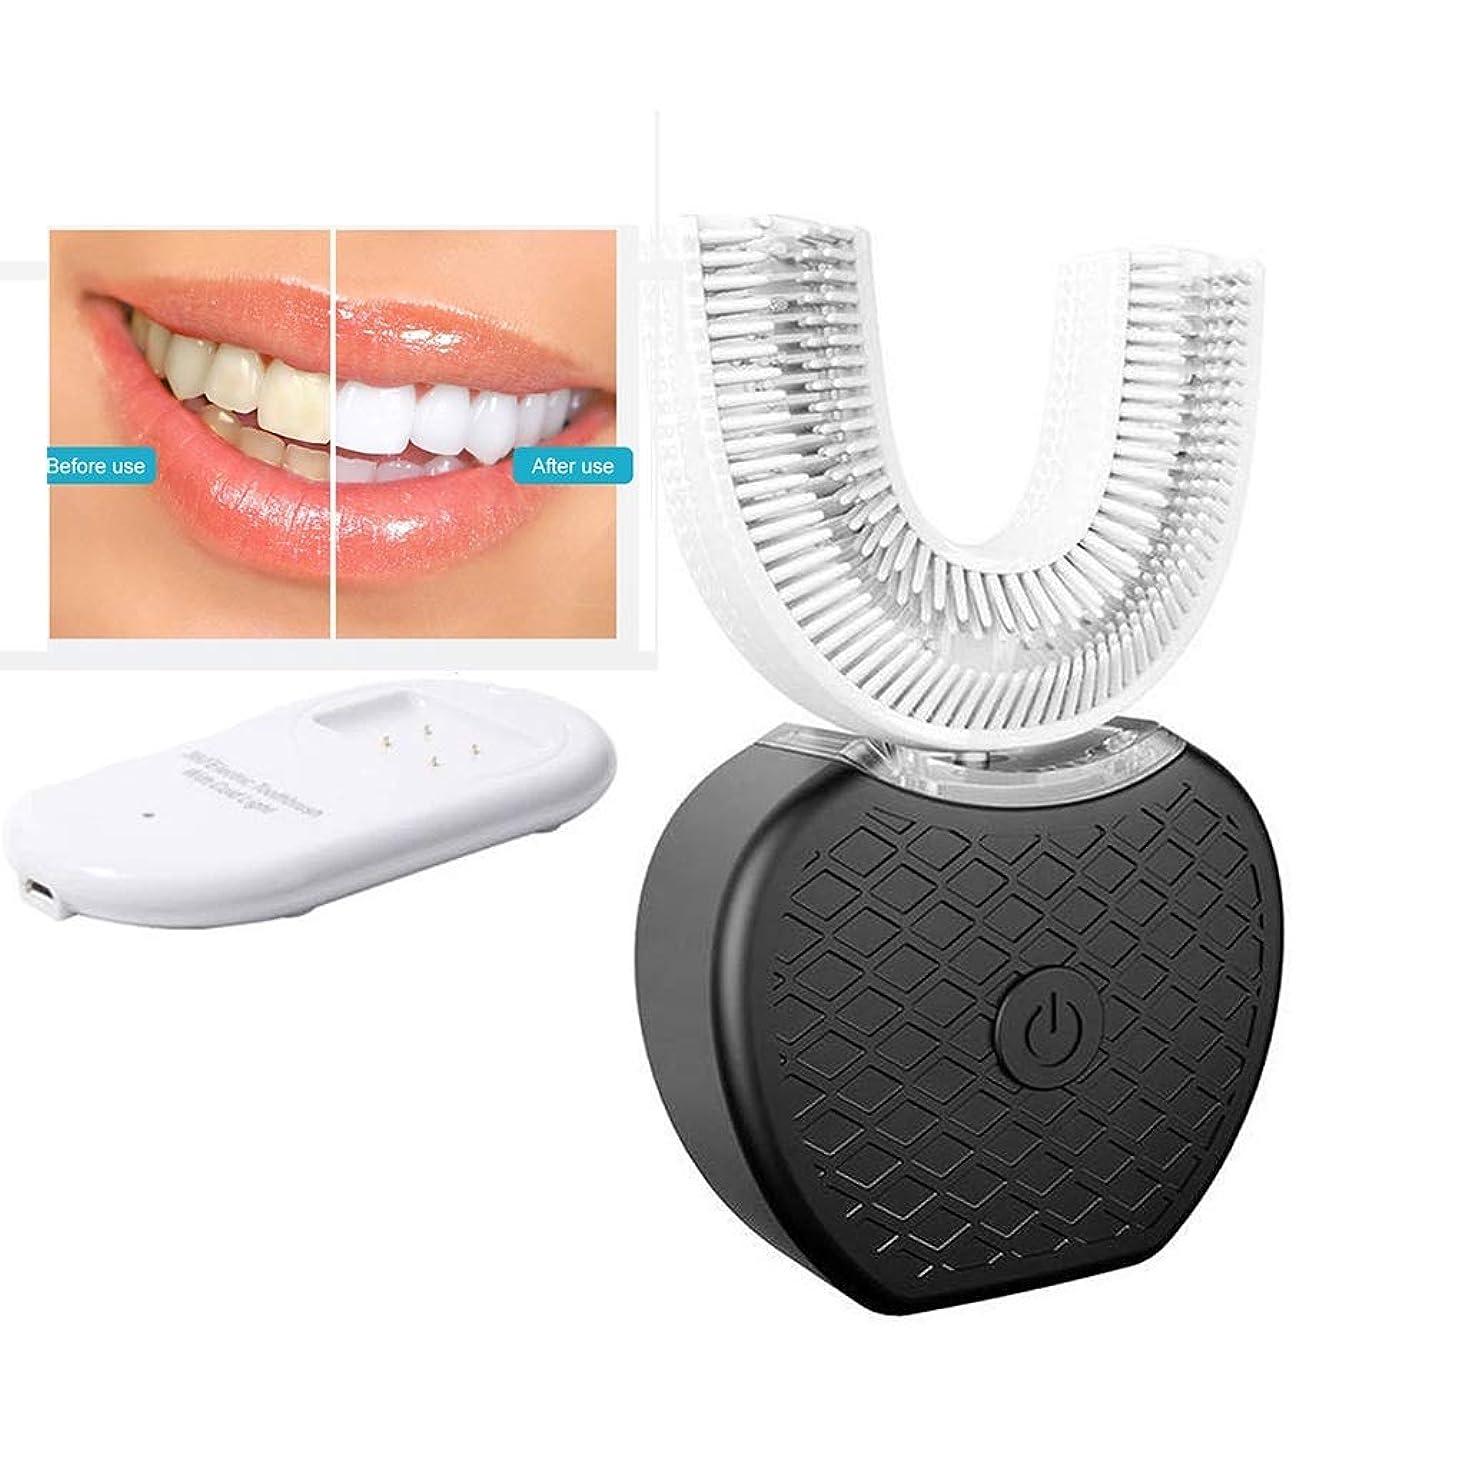 大騒ぎ政治ラジカル電動歯ブラシ、充電式電動歯ブラシIPX7防水歯のホワイトニングセットで360°自動歯ブラシホワイトニング電動歯ブラシ大人をU字型 (Color : Black)